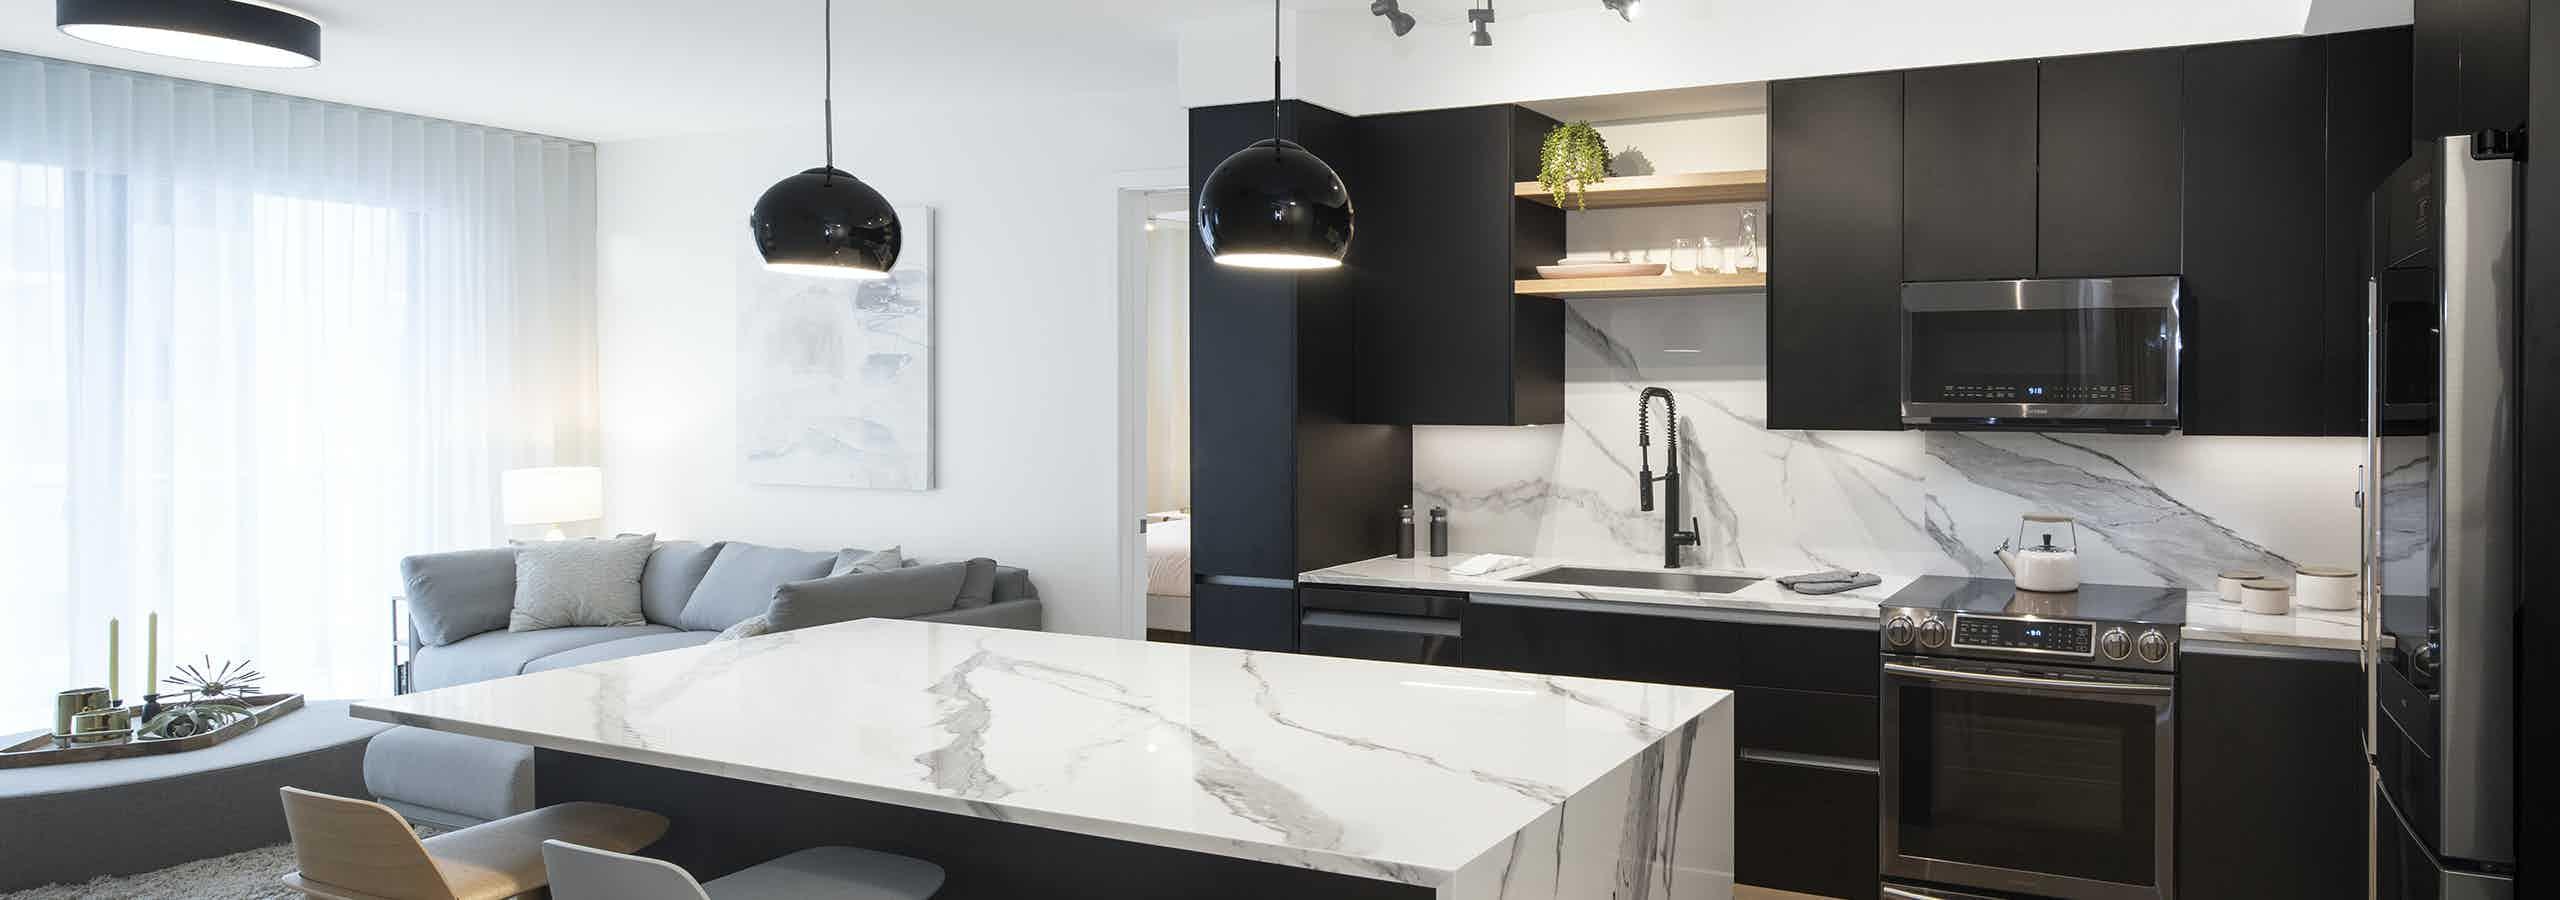 Island kitchen with Travertine interior package